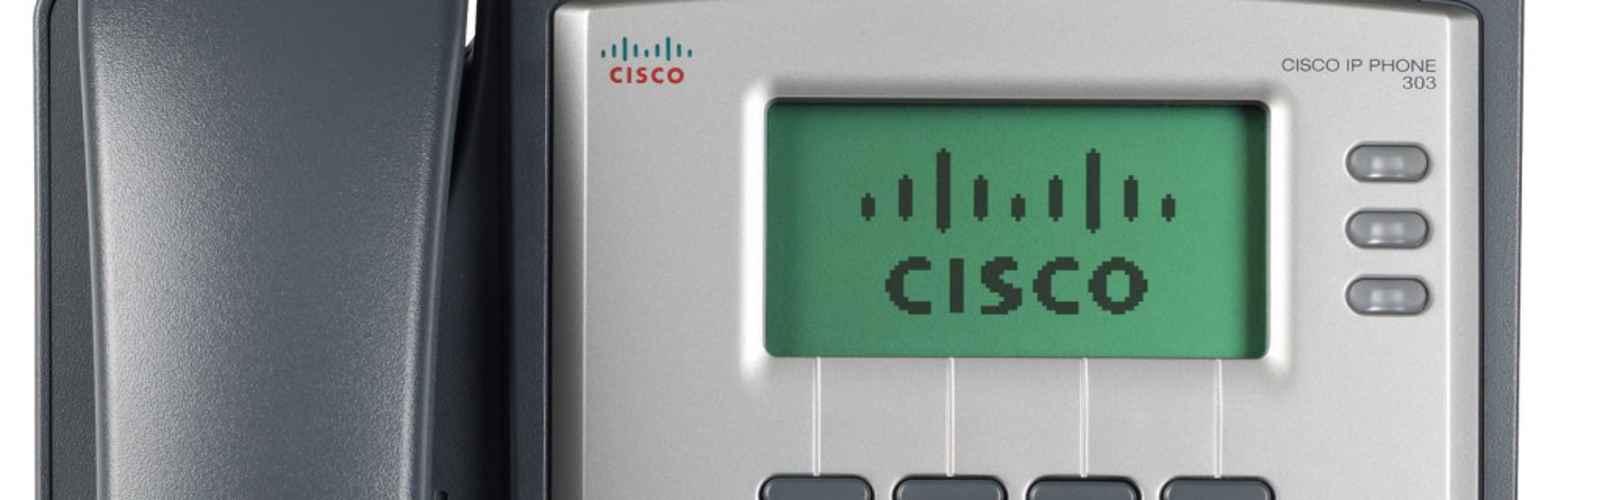 How to Set Up a Cisco SPA303